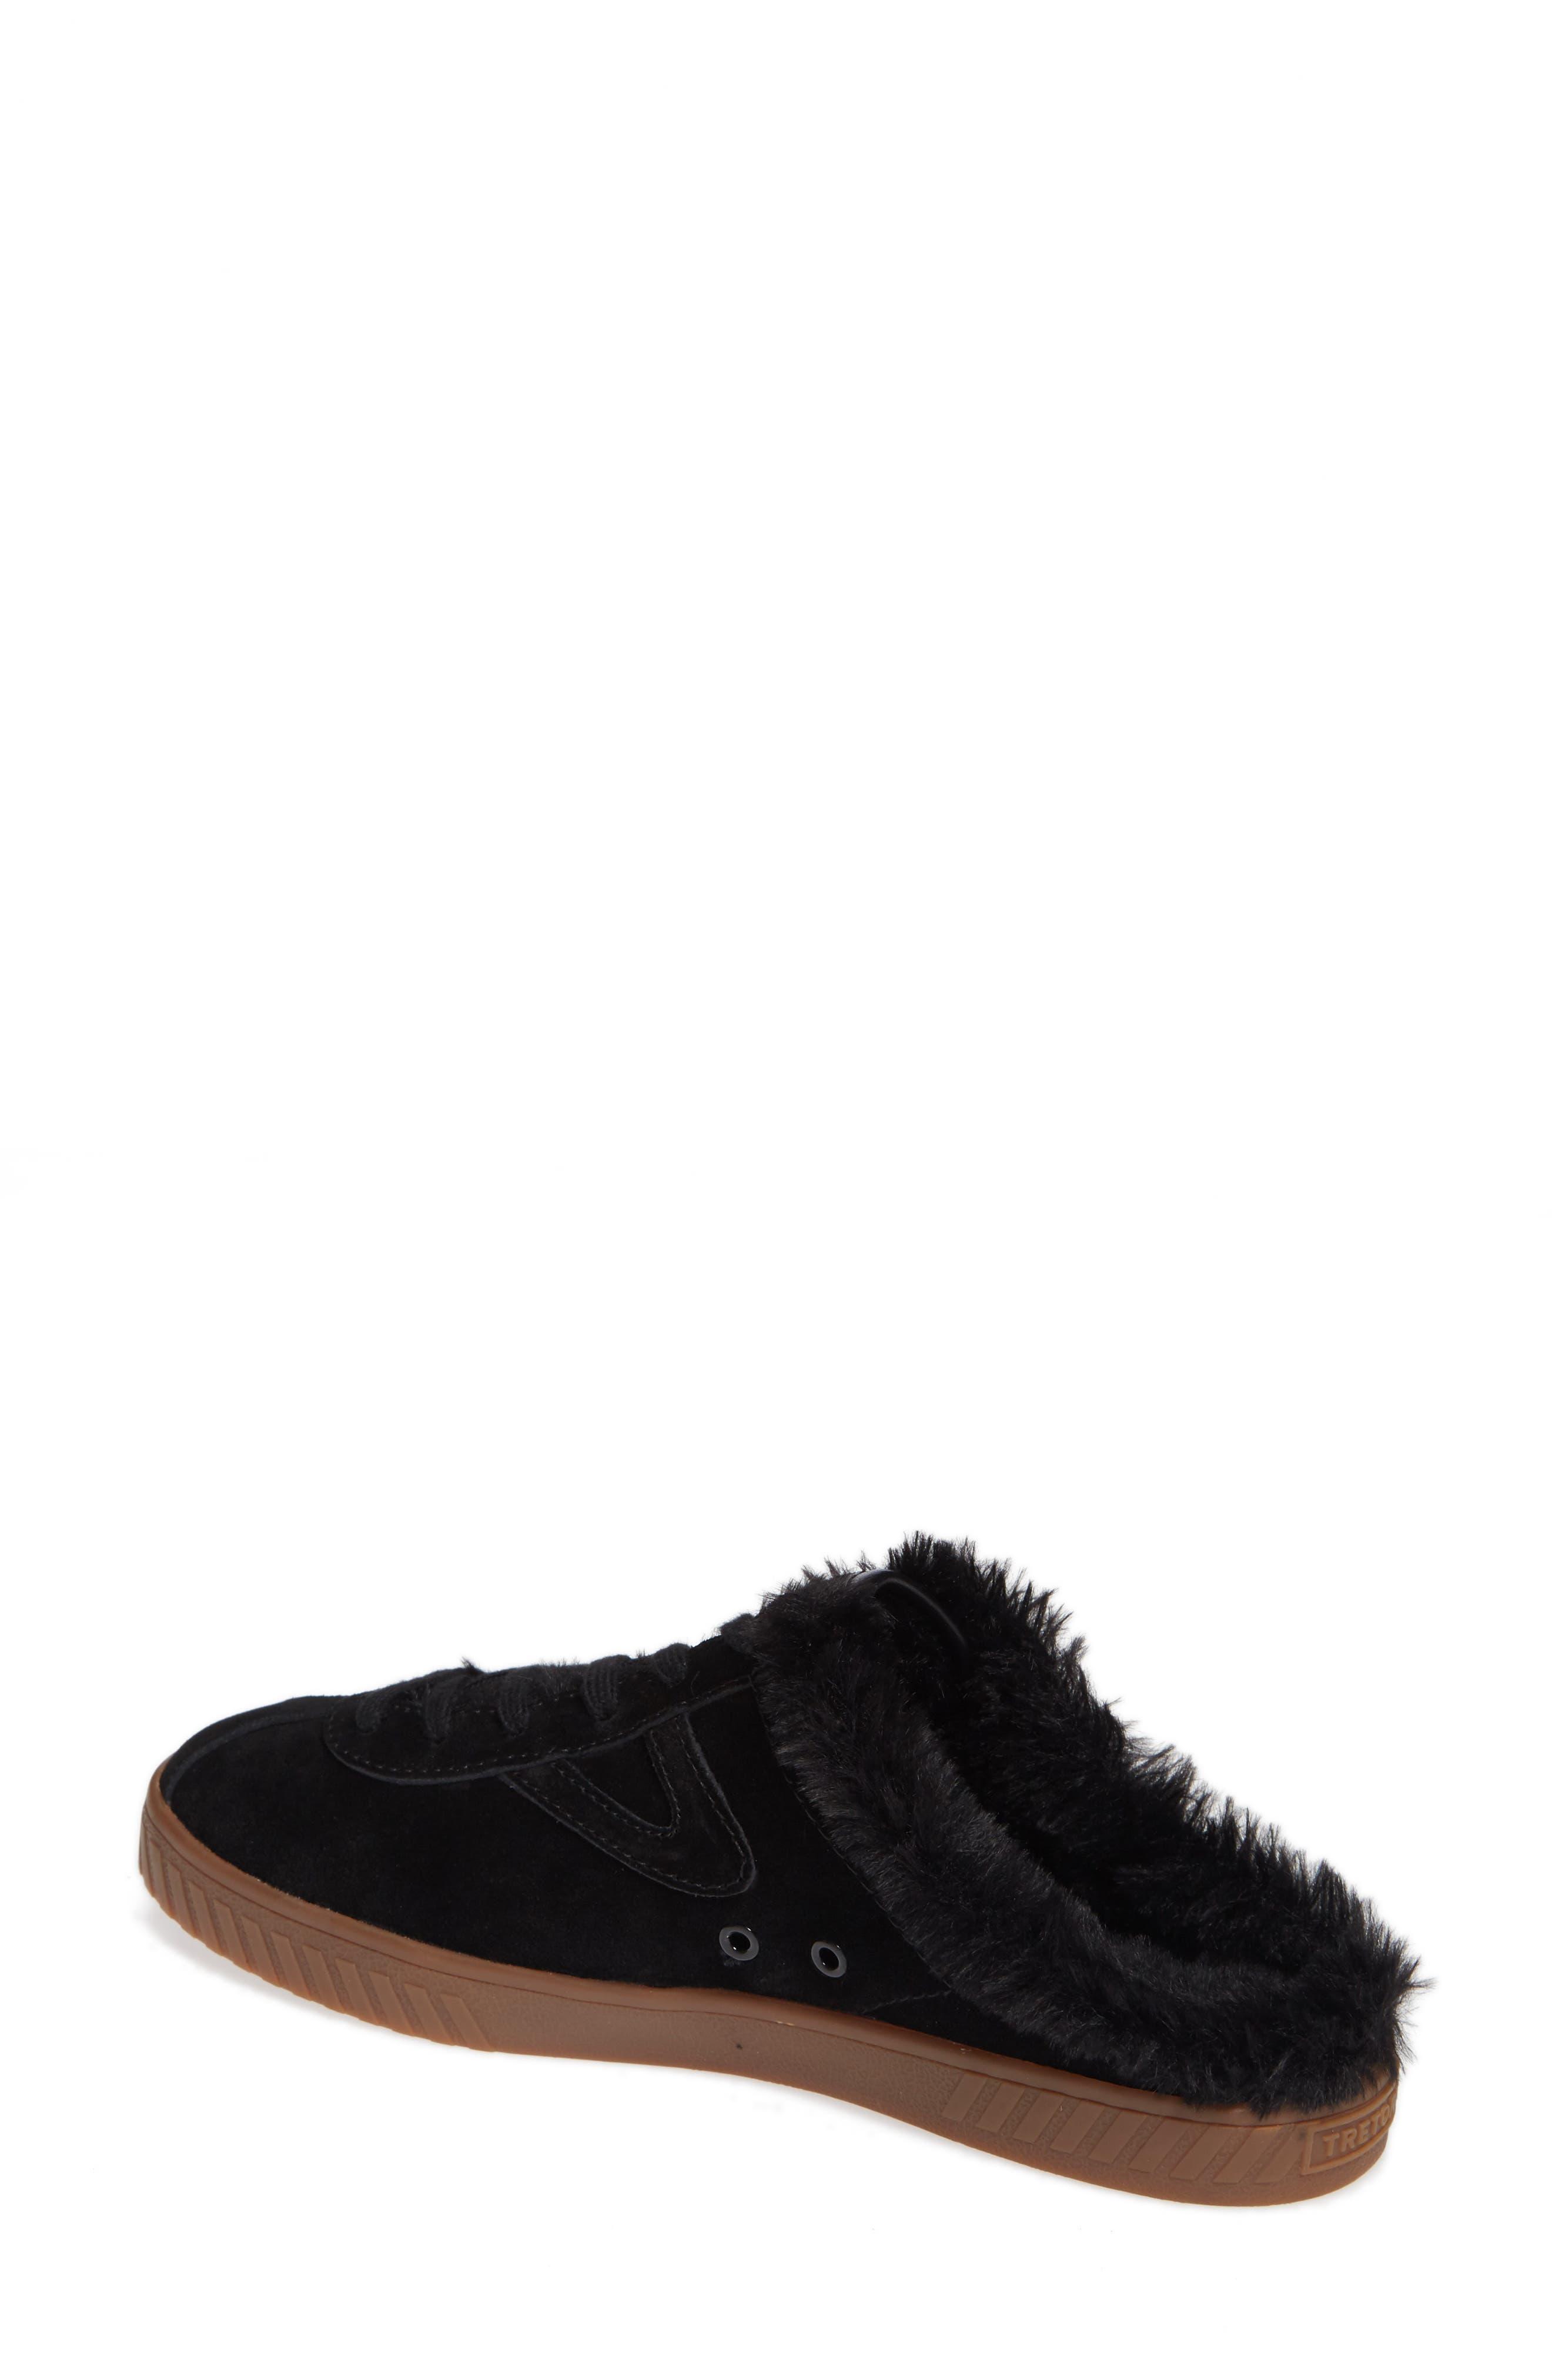 Cam 2 Slip-On Sneaker,                             Alternate thumbnail 2, color,                             BLACK